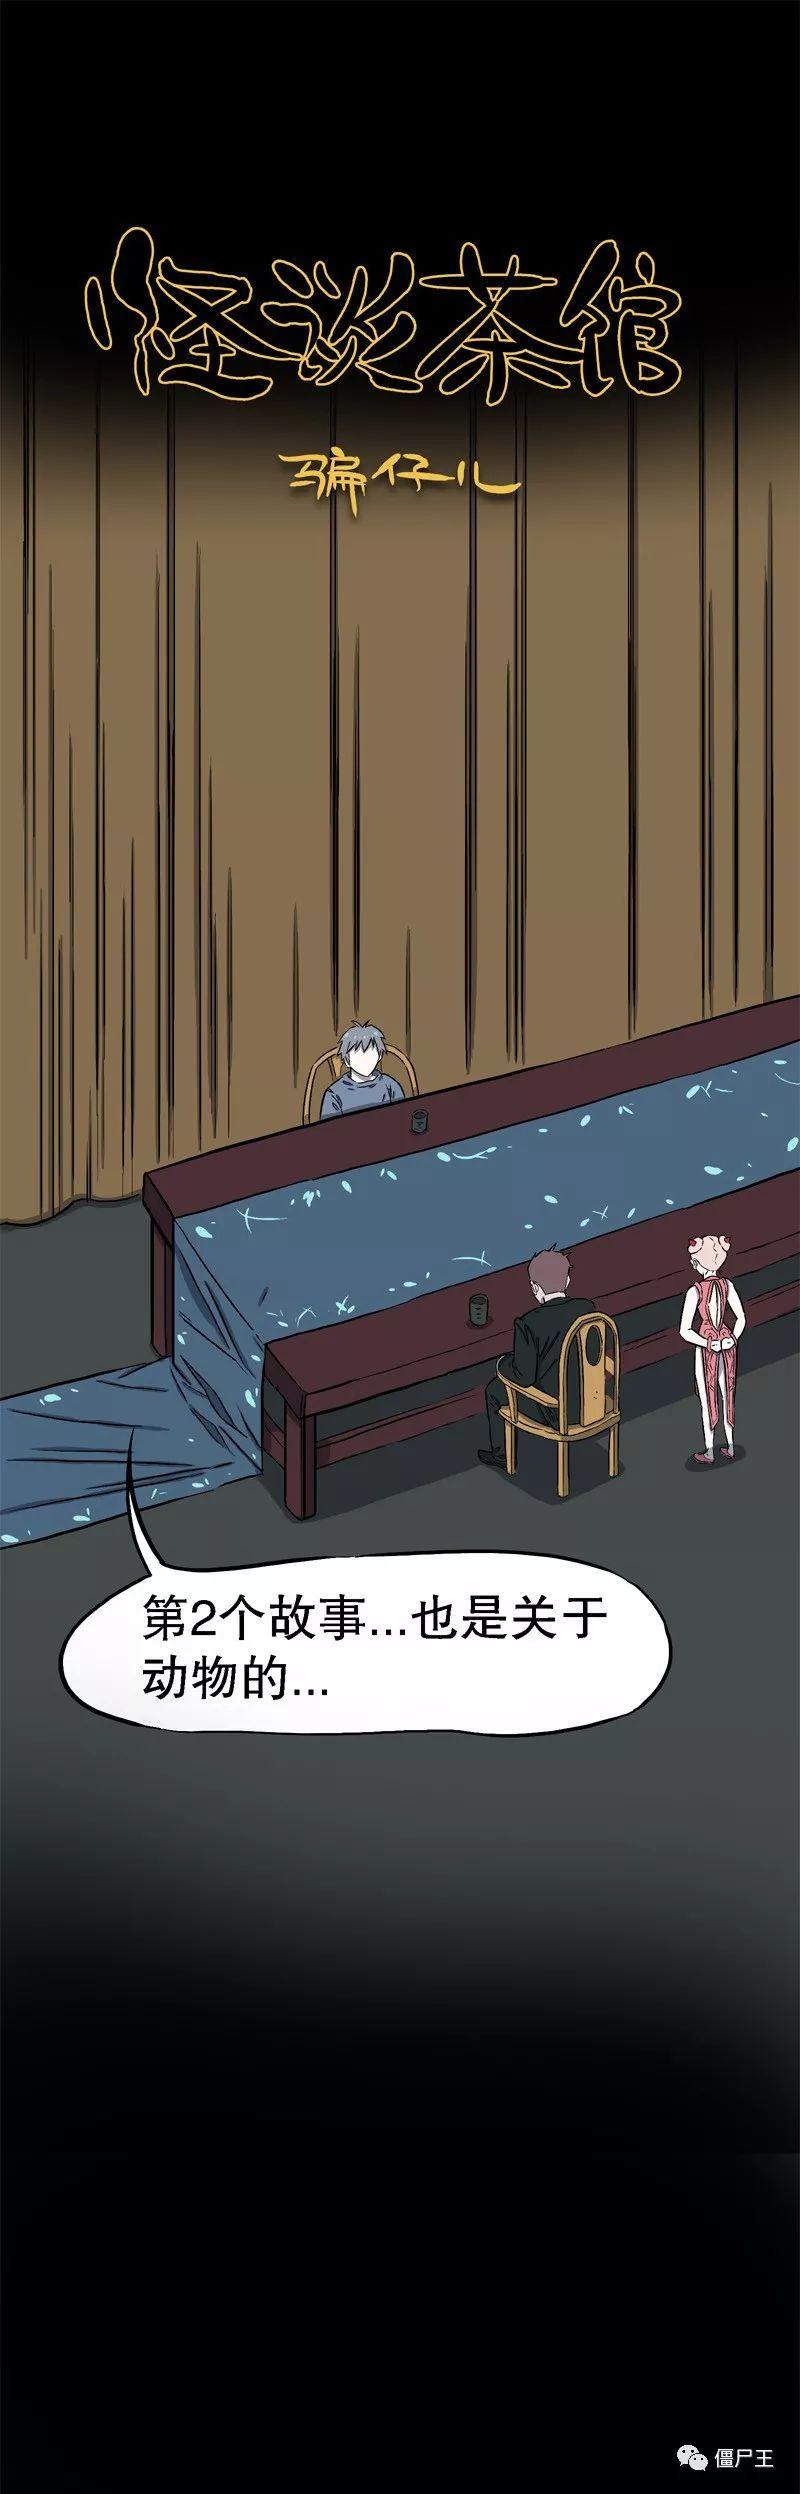 恐怖漫画:怪谈 - 骗仔儿(上)-僵尸王